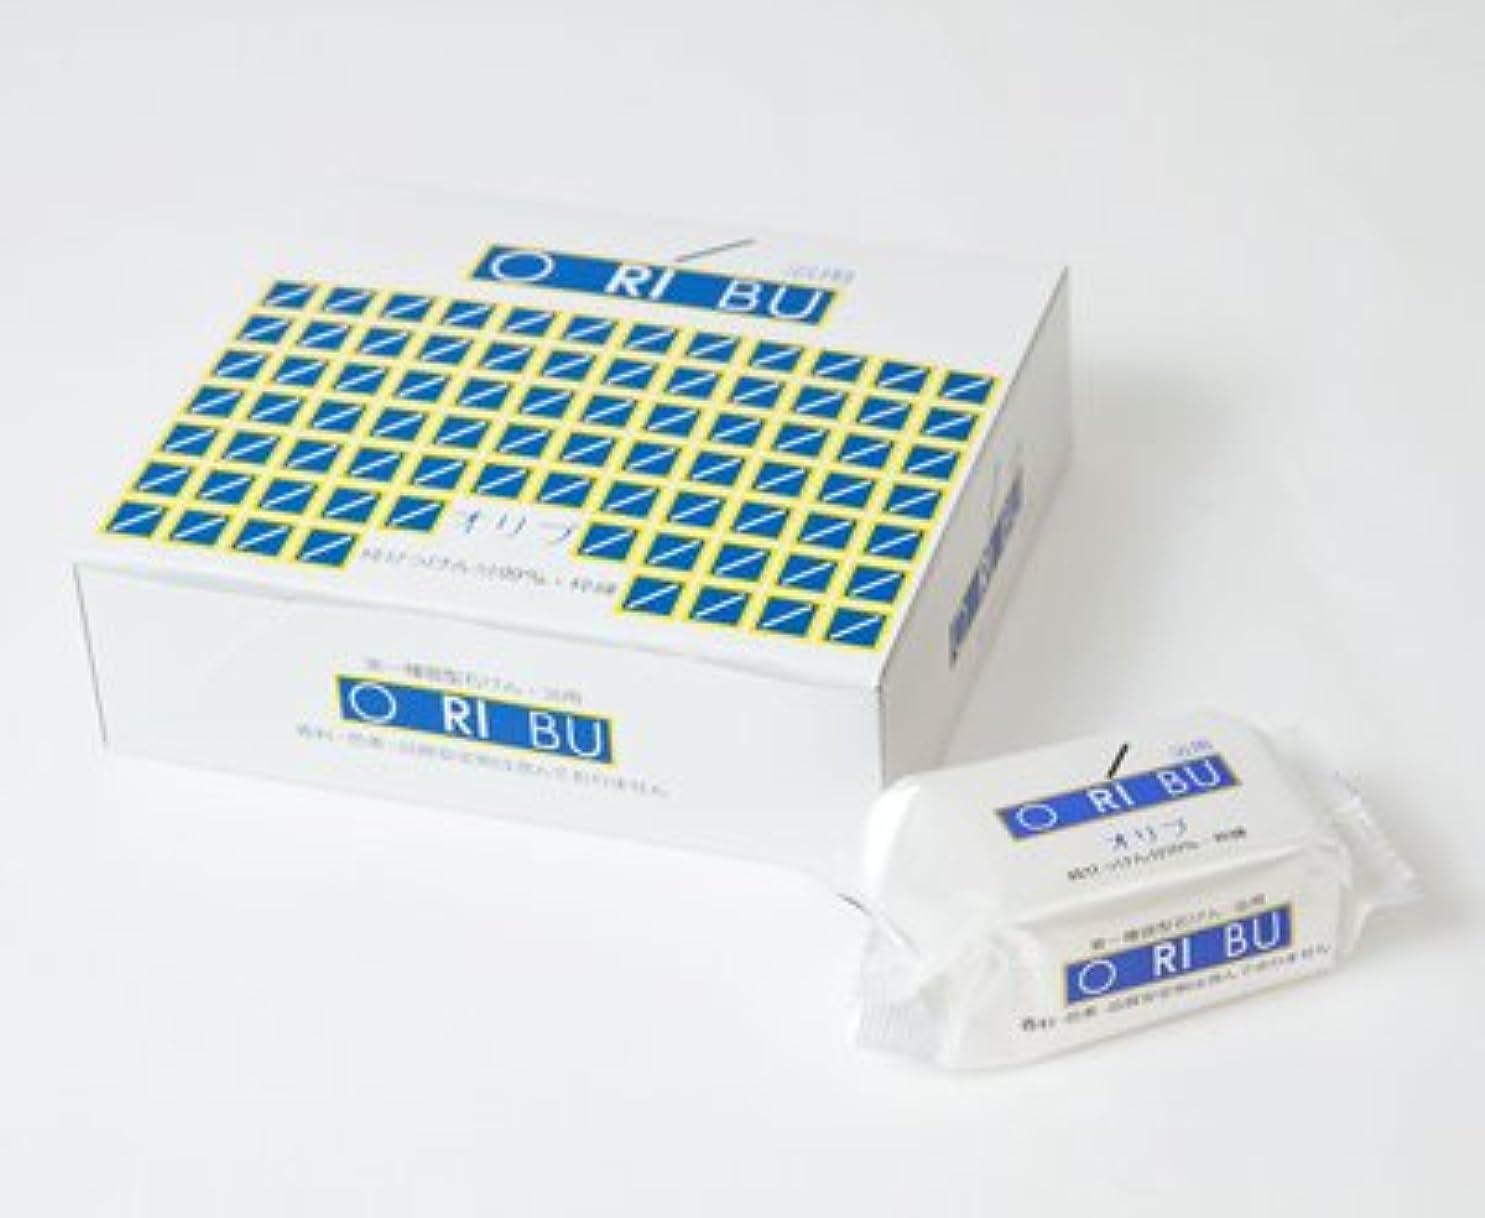 ペルセウススプリット強います暁石鹸 ORIBU オリブ浴用石けん 1箱 (110g×10個入) 泡立てネット付き